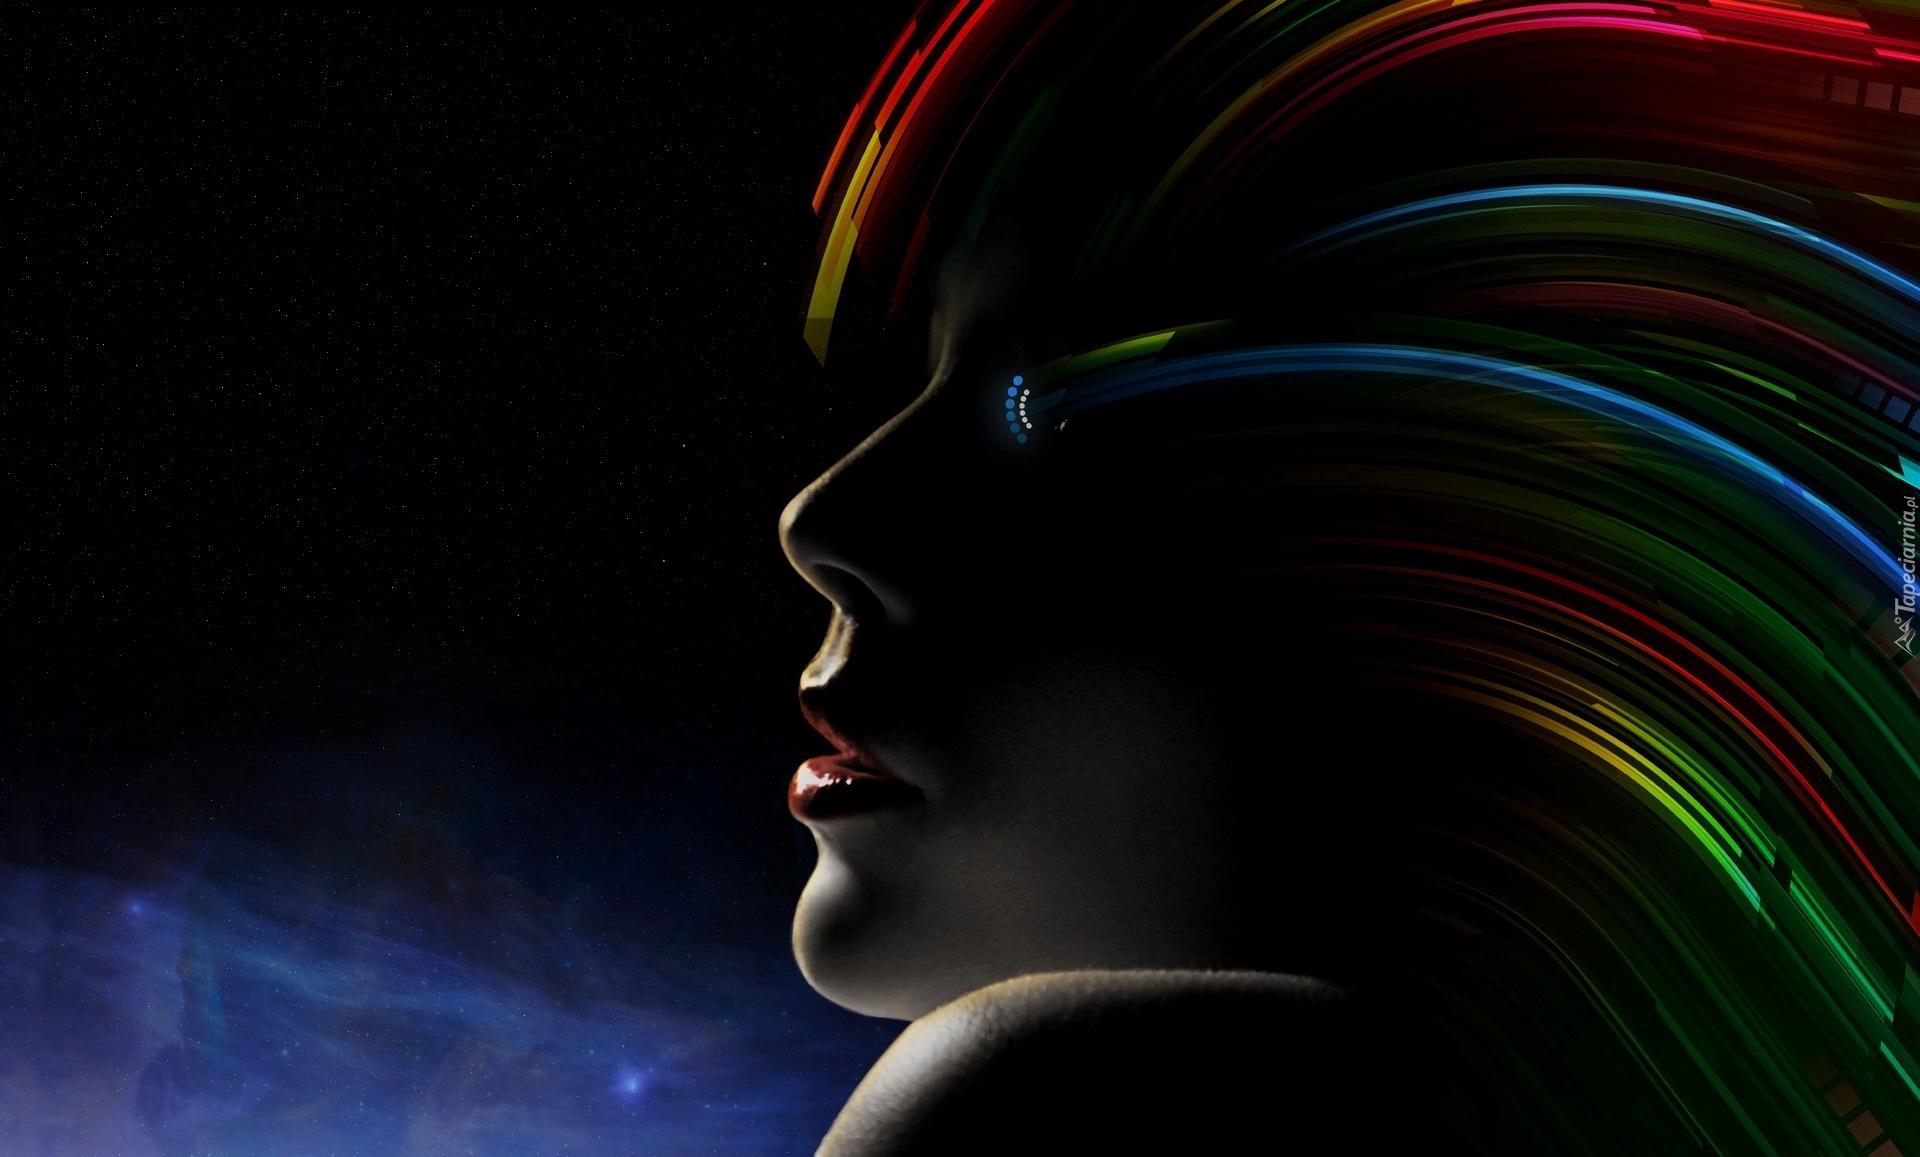 Девушка из абстрактных линий  № 877097 бесплатно